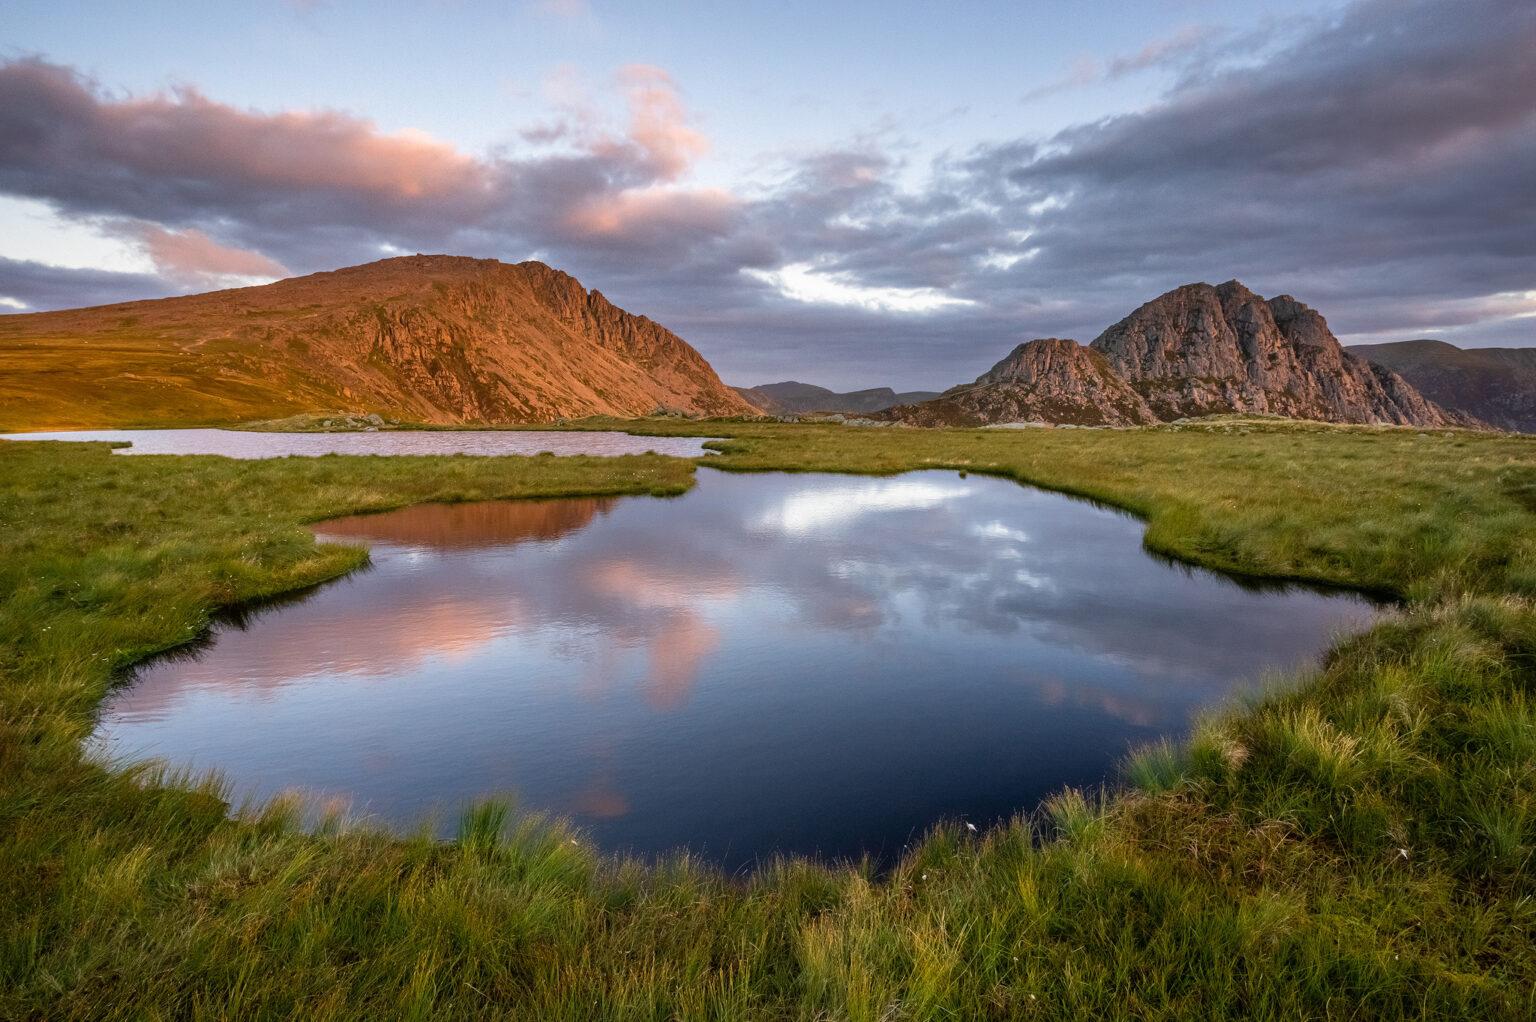 Llyn Y Caseg Fraith Reflections Sunrise - Tryfan and Glyder Fach - Snowdonia Landscape Photography